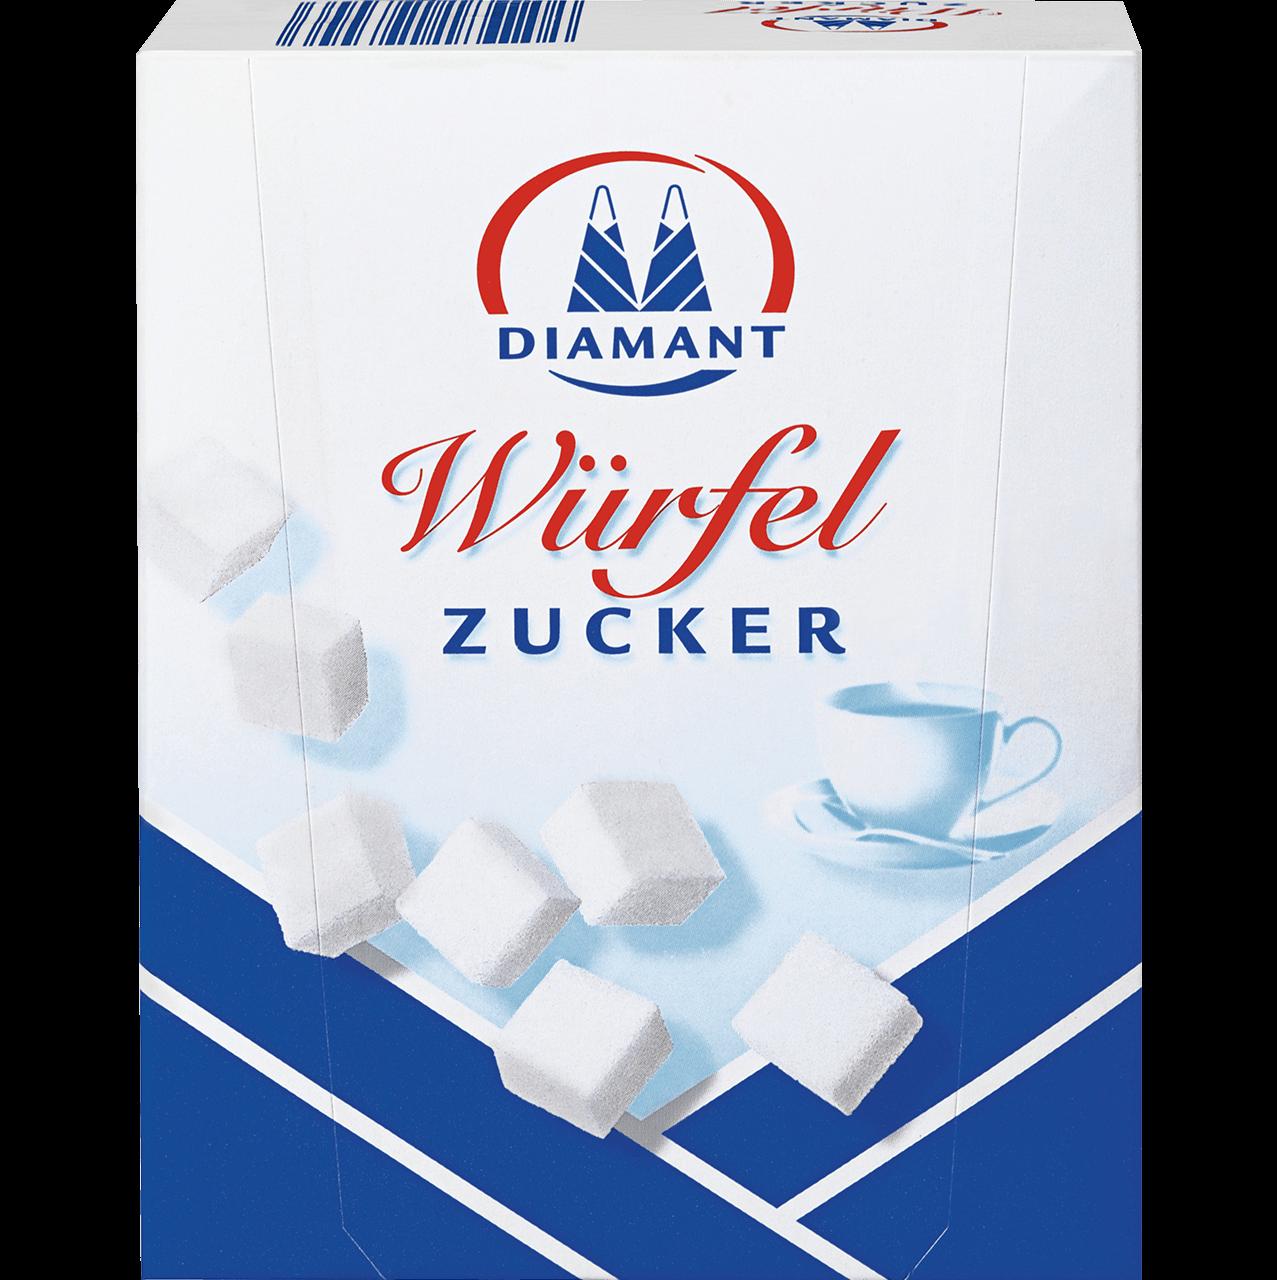 https://www.diamant-zucker.de/images/default-source/default-album/produkte/produkt-bilder/weißer-zucker/desktop/würfelzucker_desktopc26c6cae-c379-4a11-9fa4-3fc9e808992a.png?sfvrsn=d1334d34_3